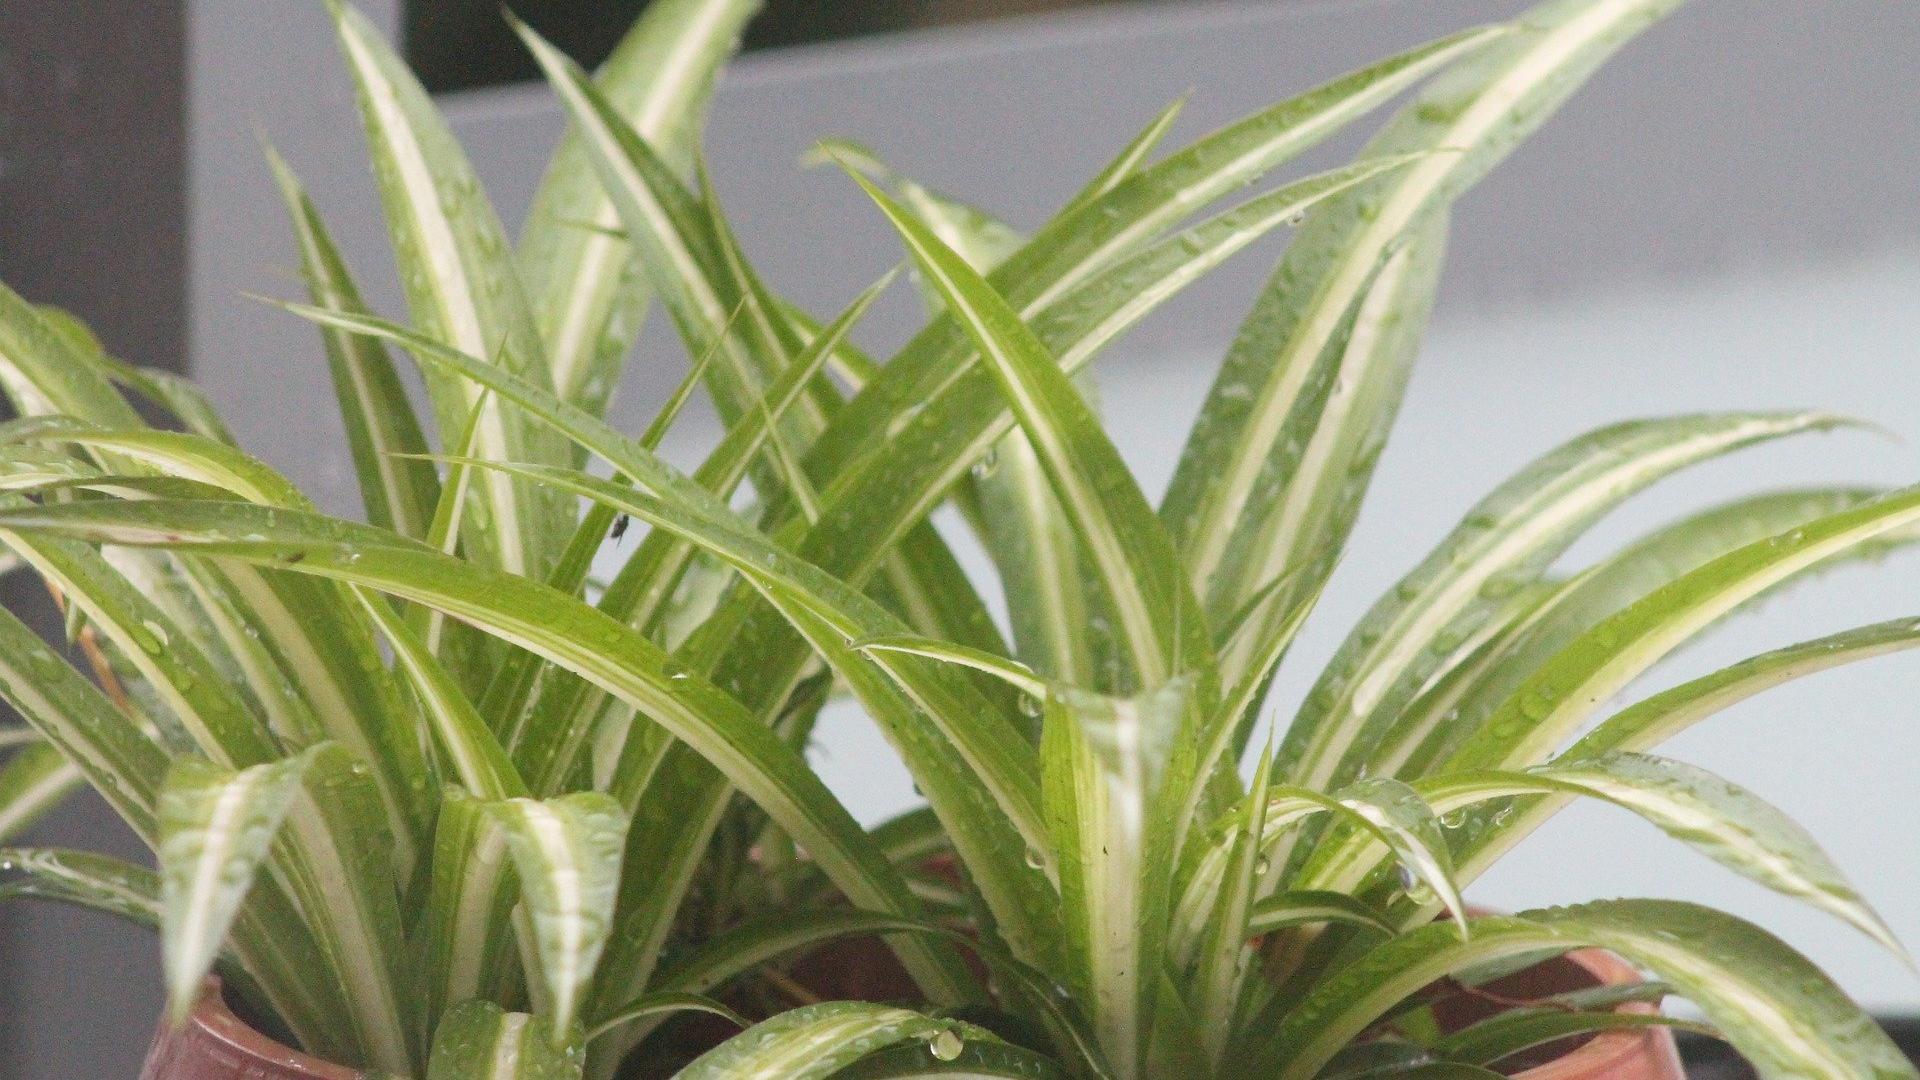 Ist die Grünlilie giftig für Katzen? Das sollten Sie wissen